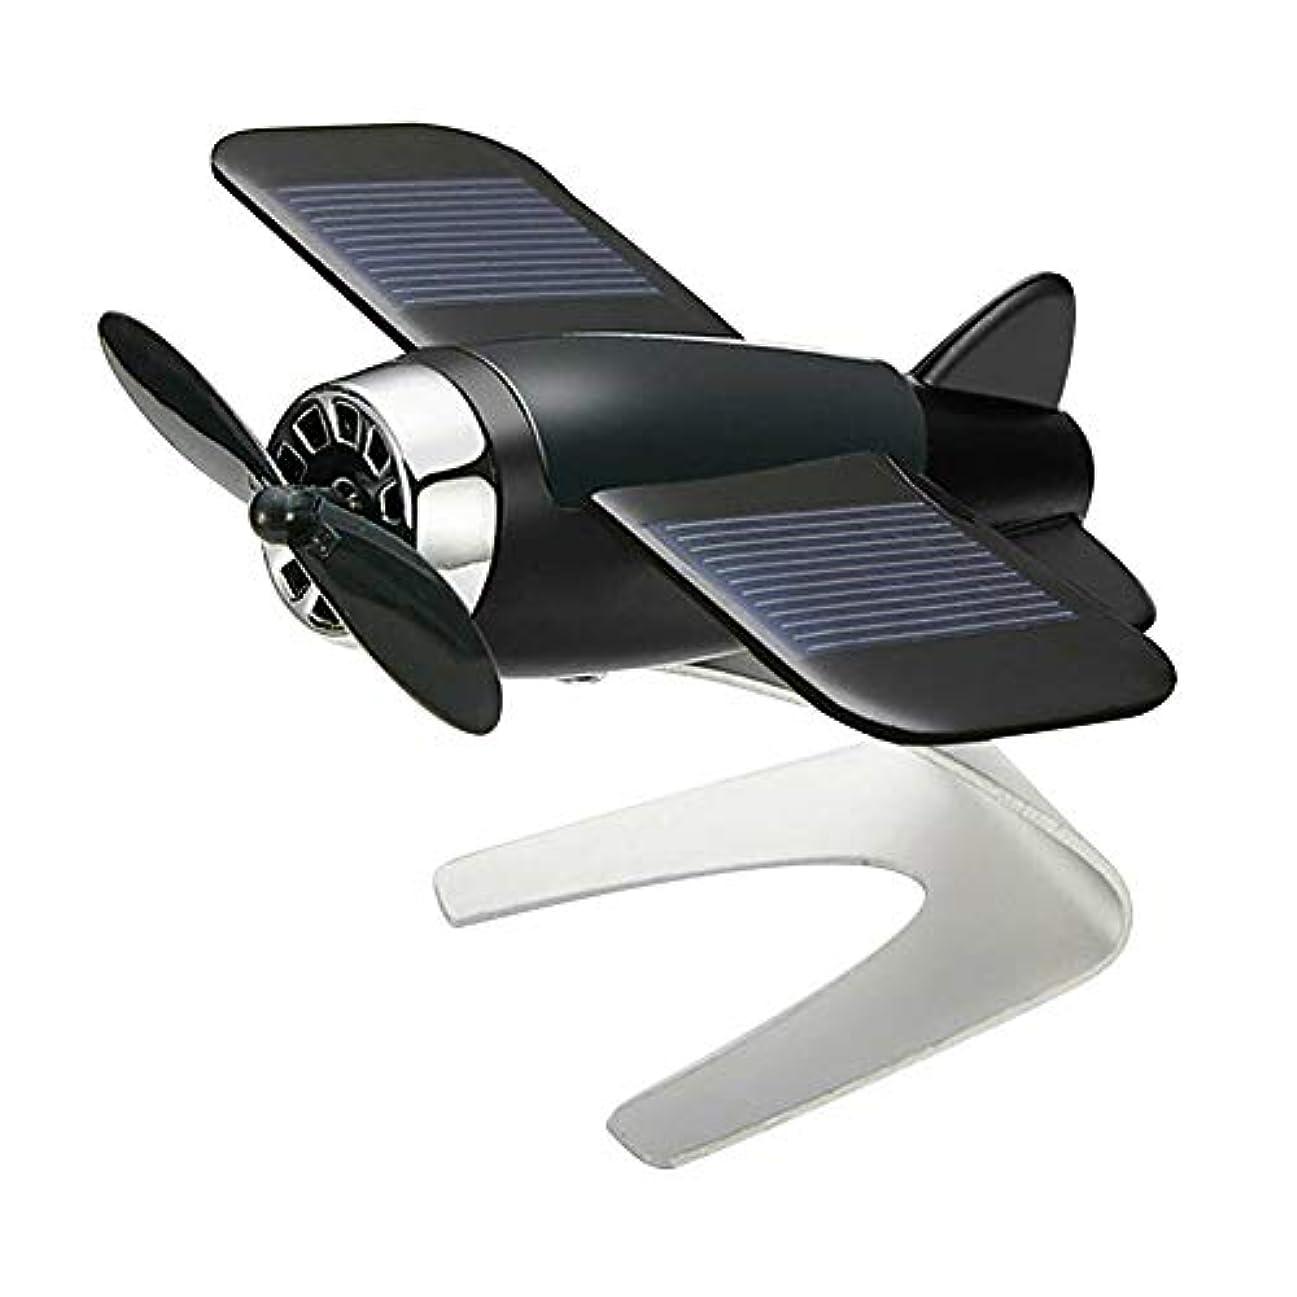 損なう組み立てる重くするSymboat 車の芳香剤飛行機航空機モデル太陽エネルギーアロマテラピー室内装飾